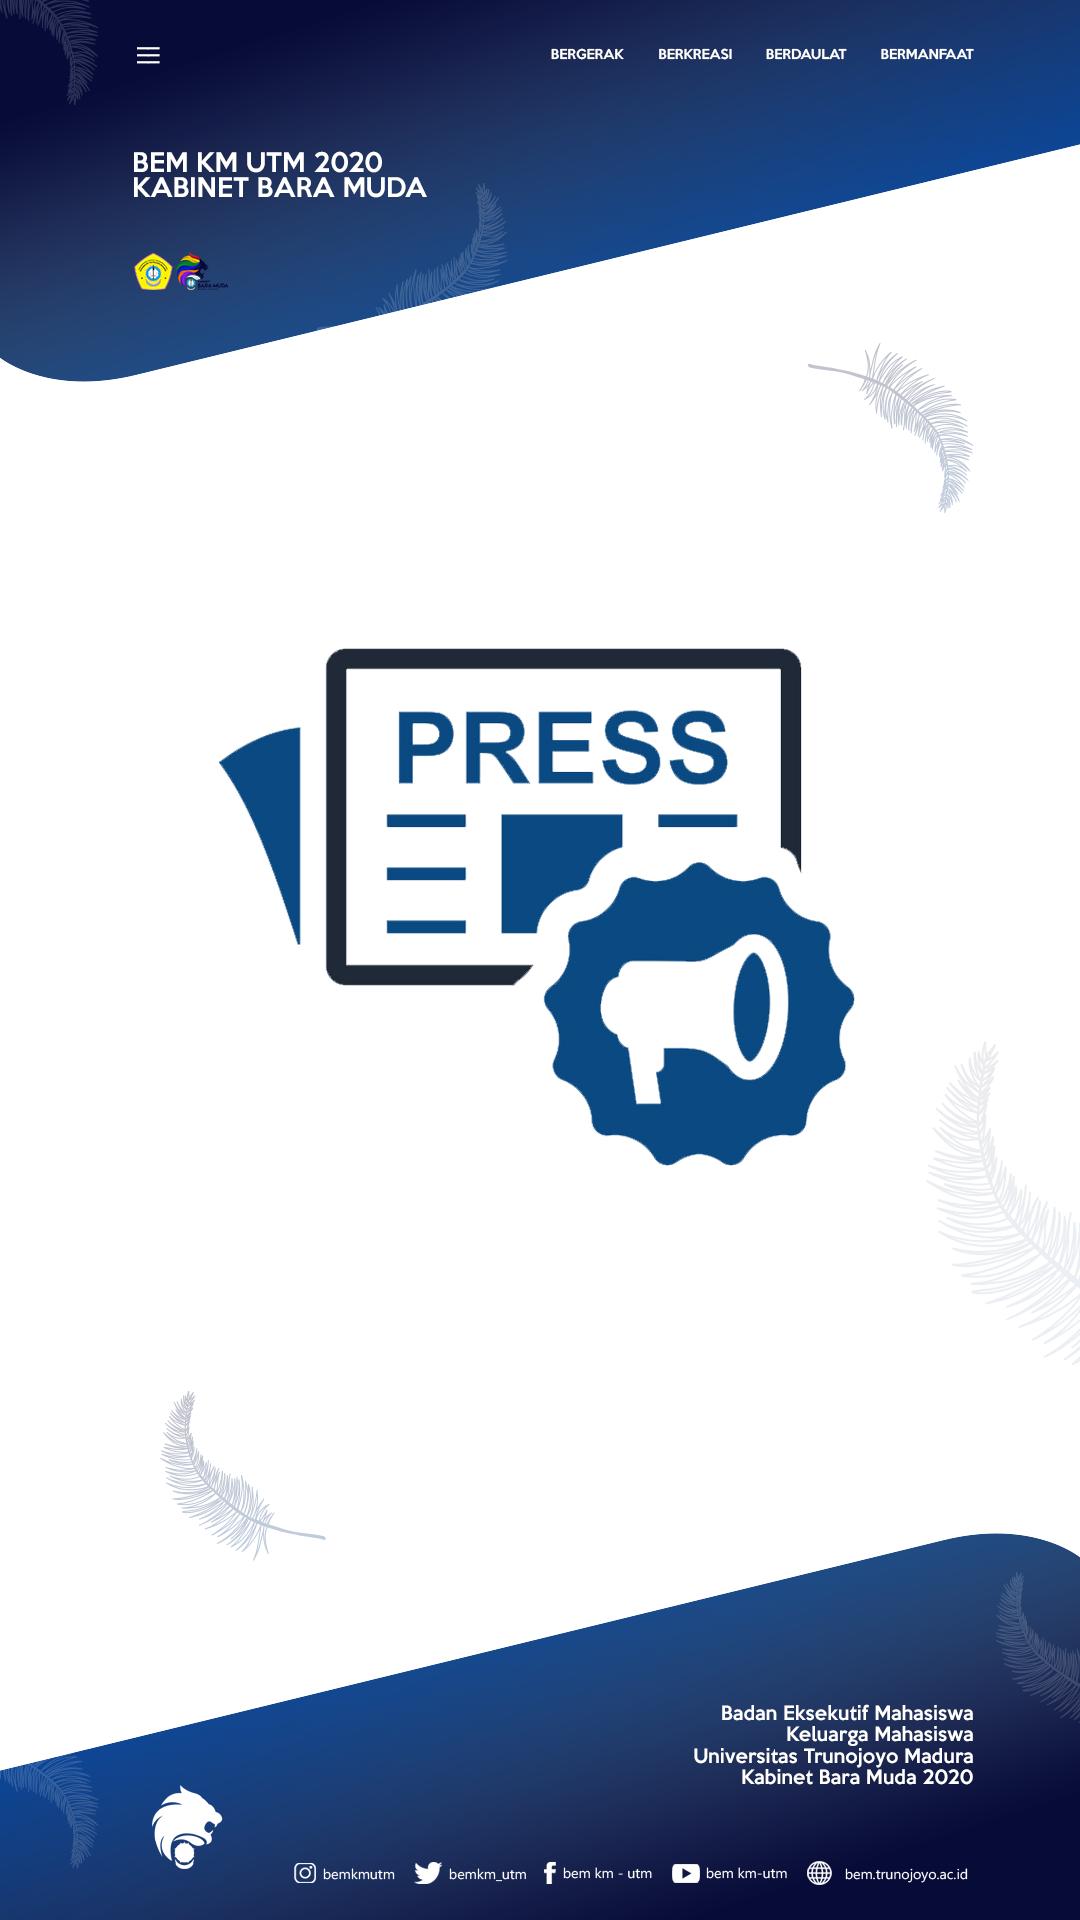 PRESS RELEASE MAHASISWA BERTANYA – PIMPINAN MENJAWAB